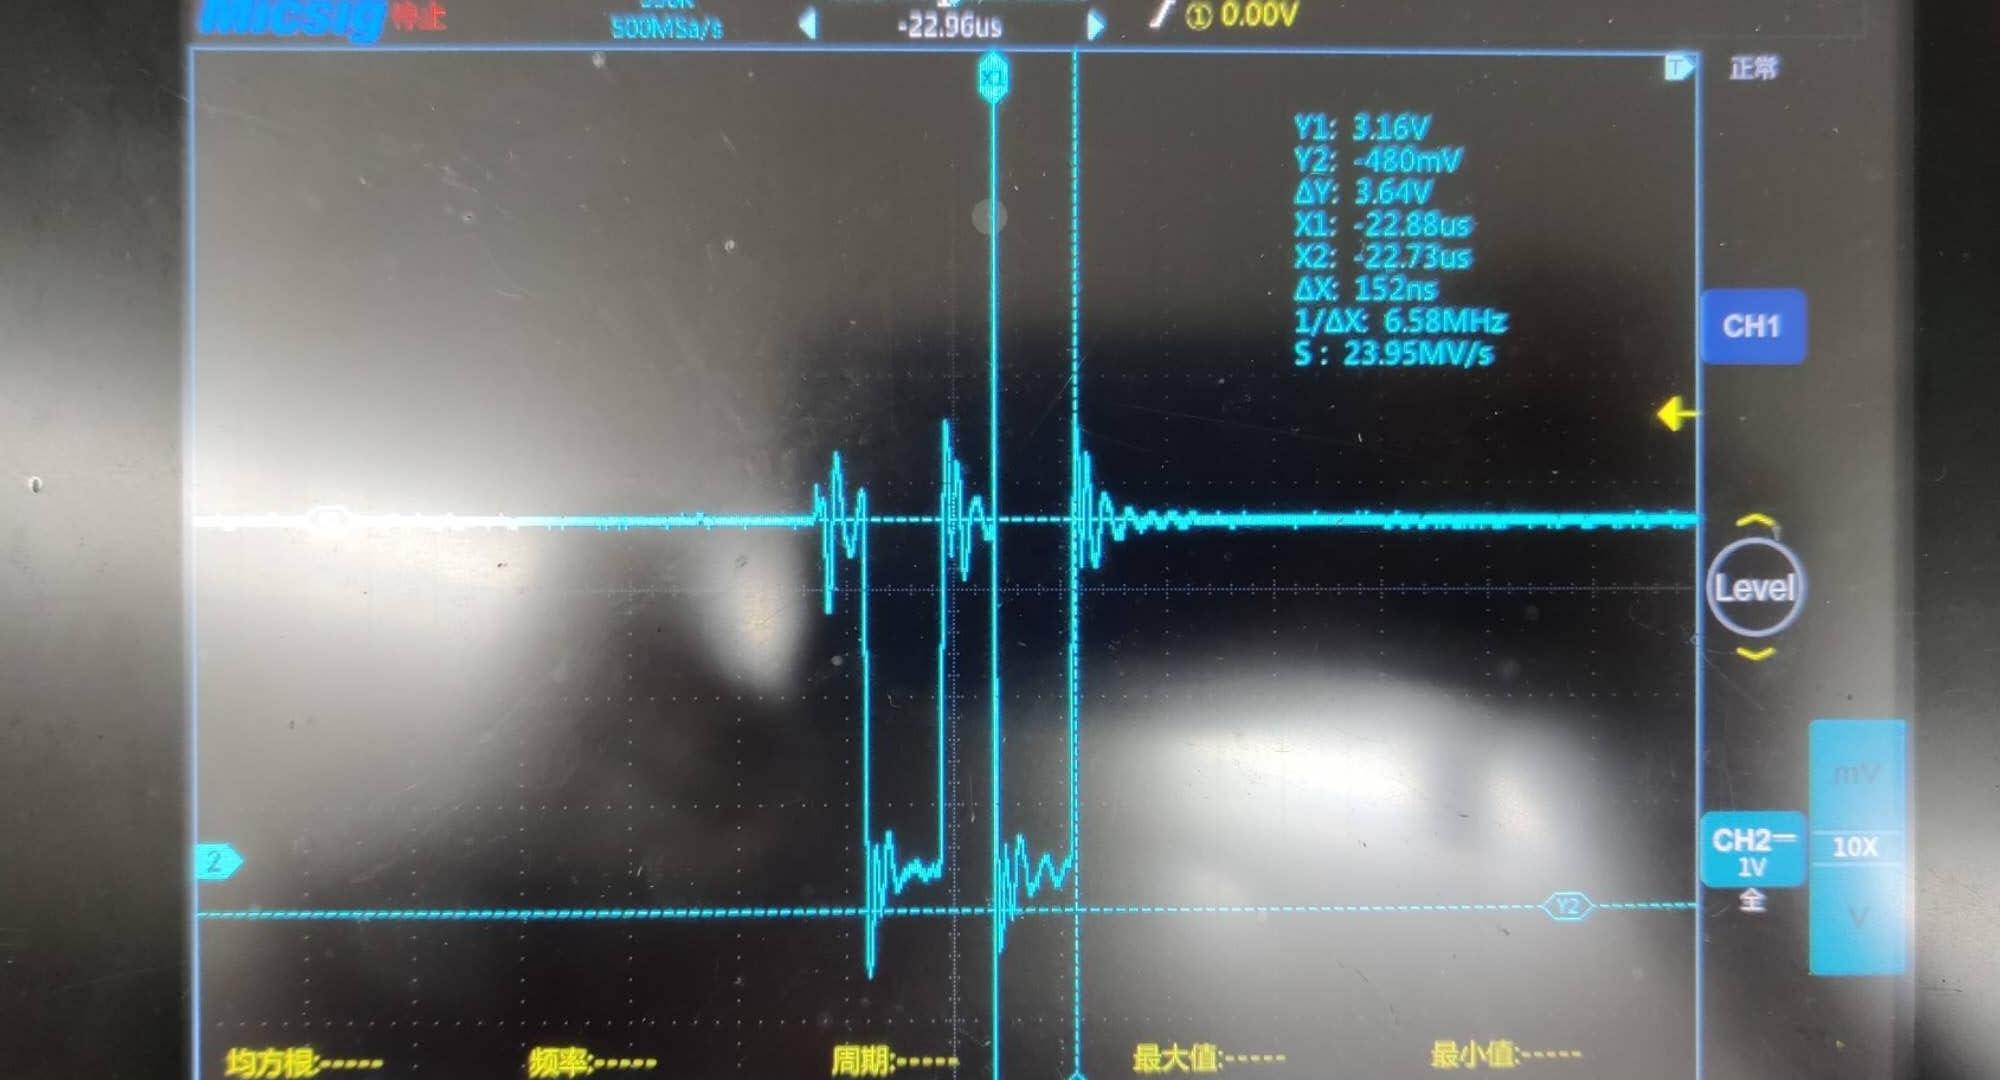 关于FPGA进行外部边沿检测,检测不准确问题?